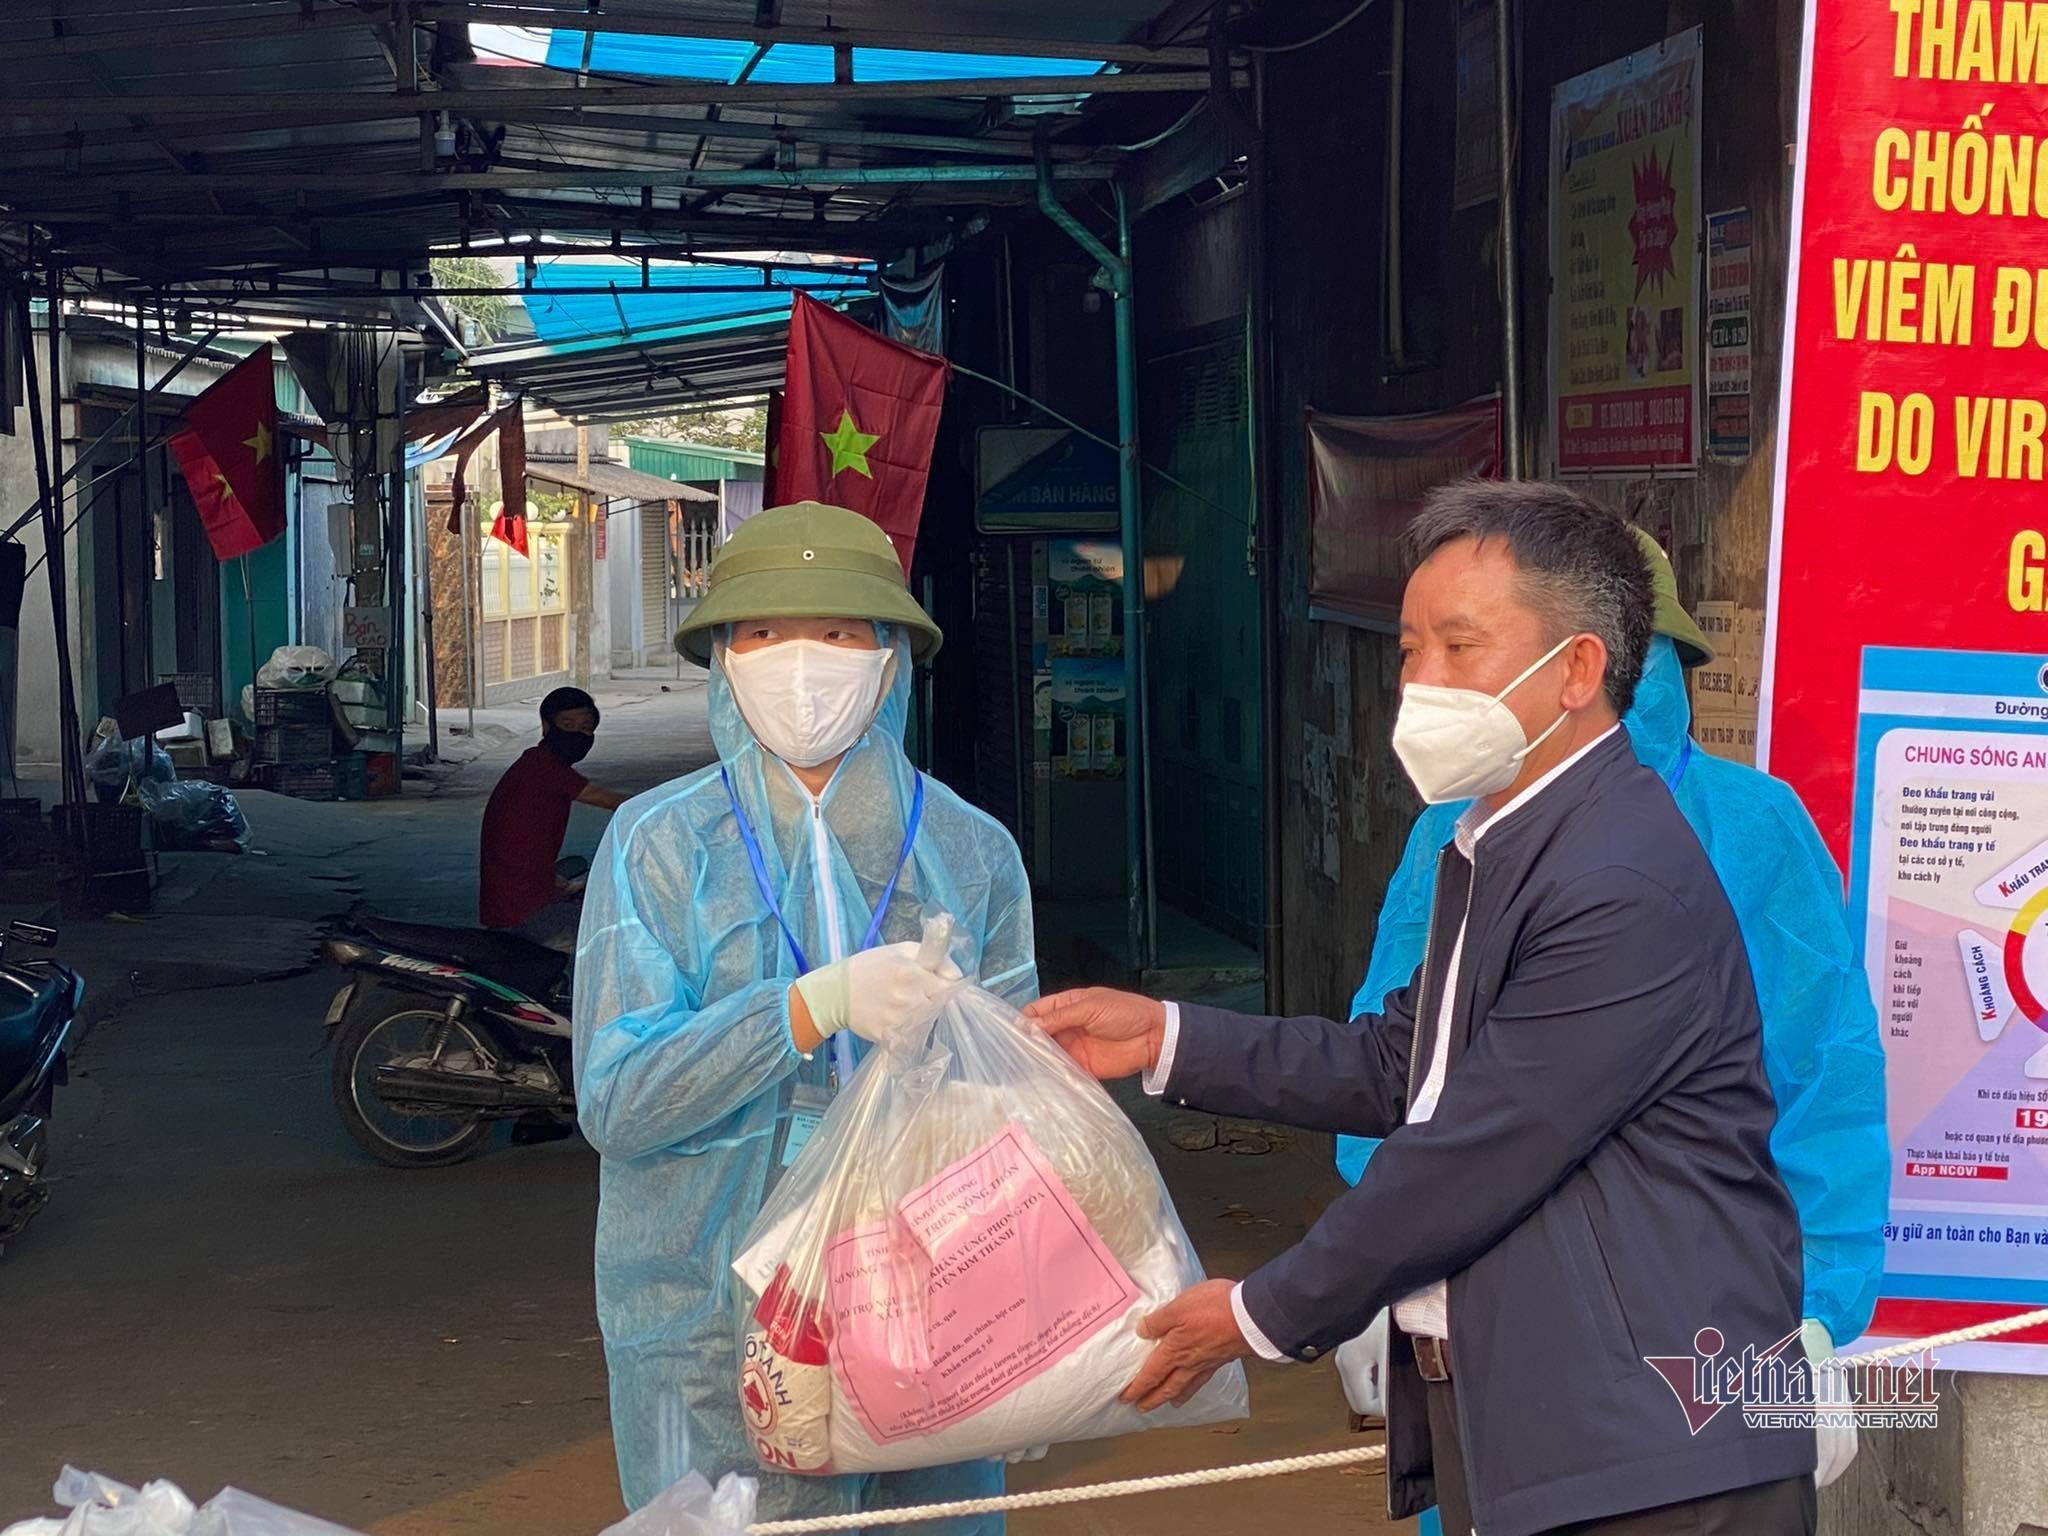 Bí thư Hải Dương: Dân biết sợ nhưng không được hoảng sợ vì dịch bệnh - 4